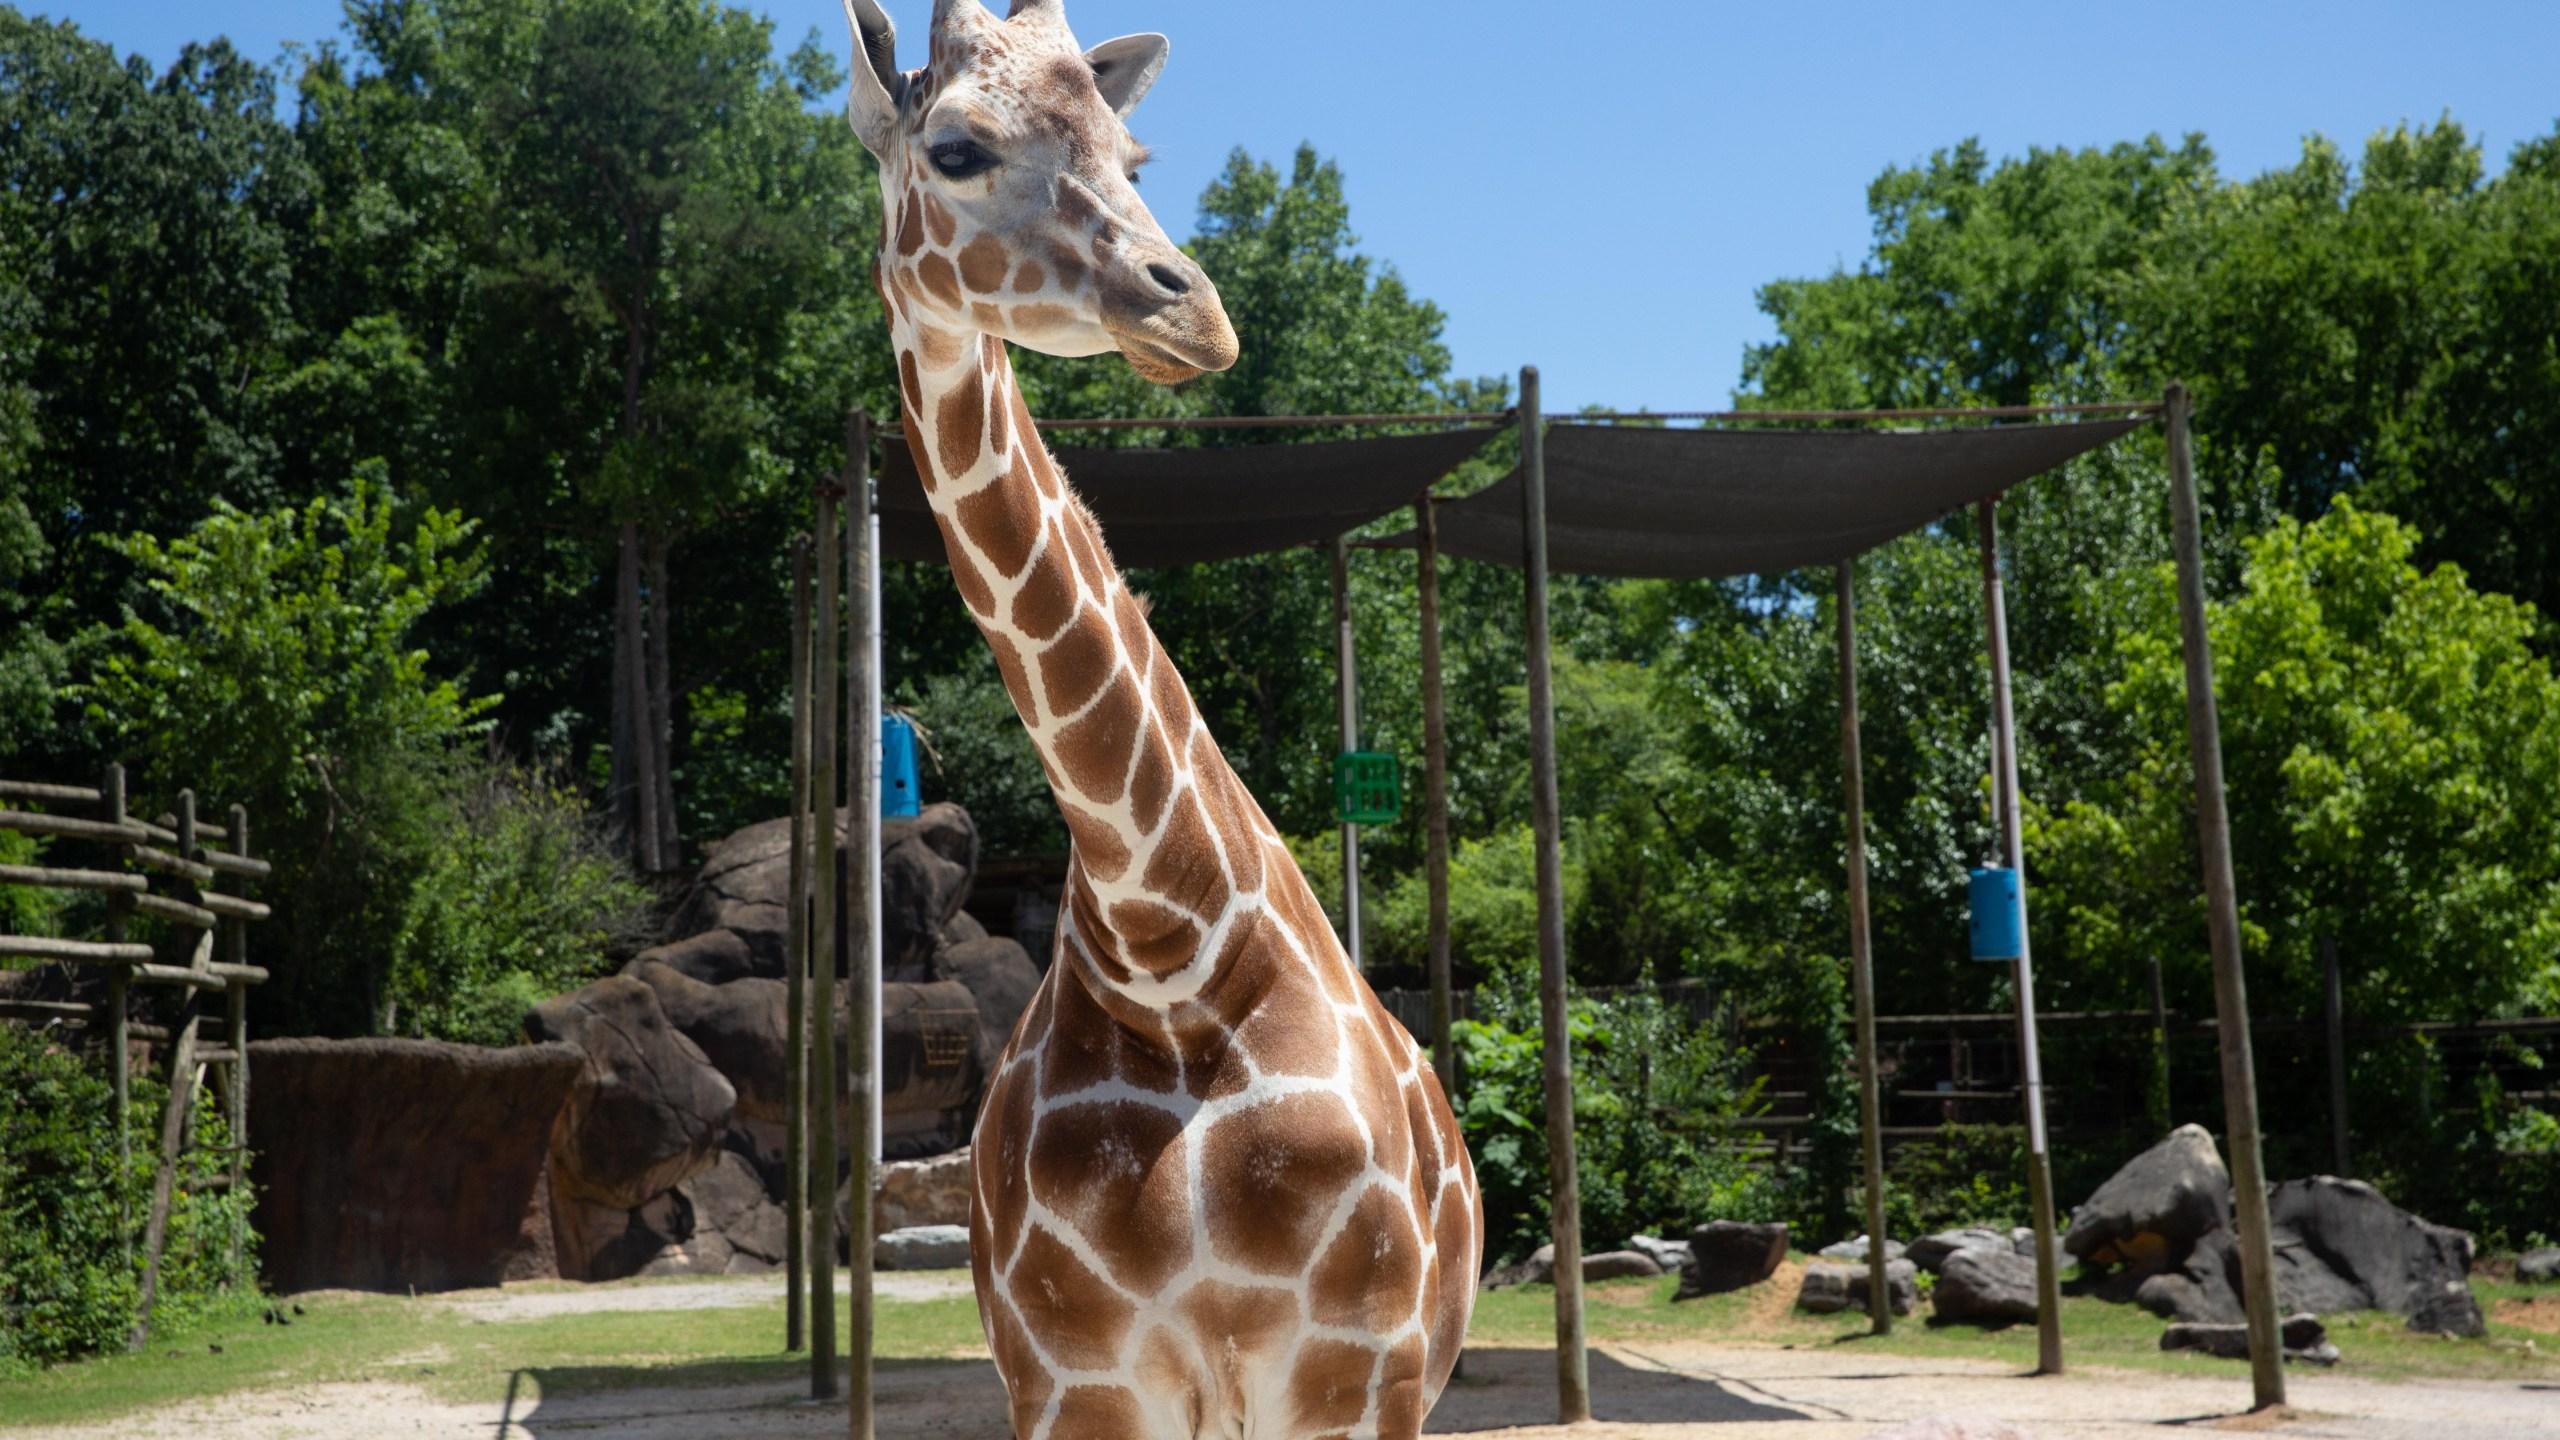 061419_Frances_giraffe4_1561131319667.jpg